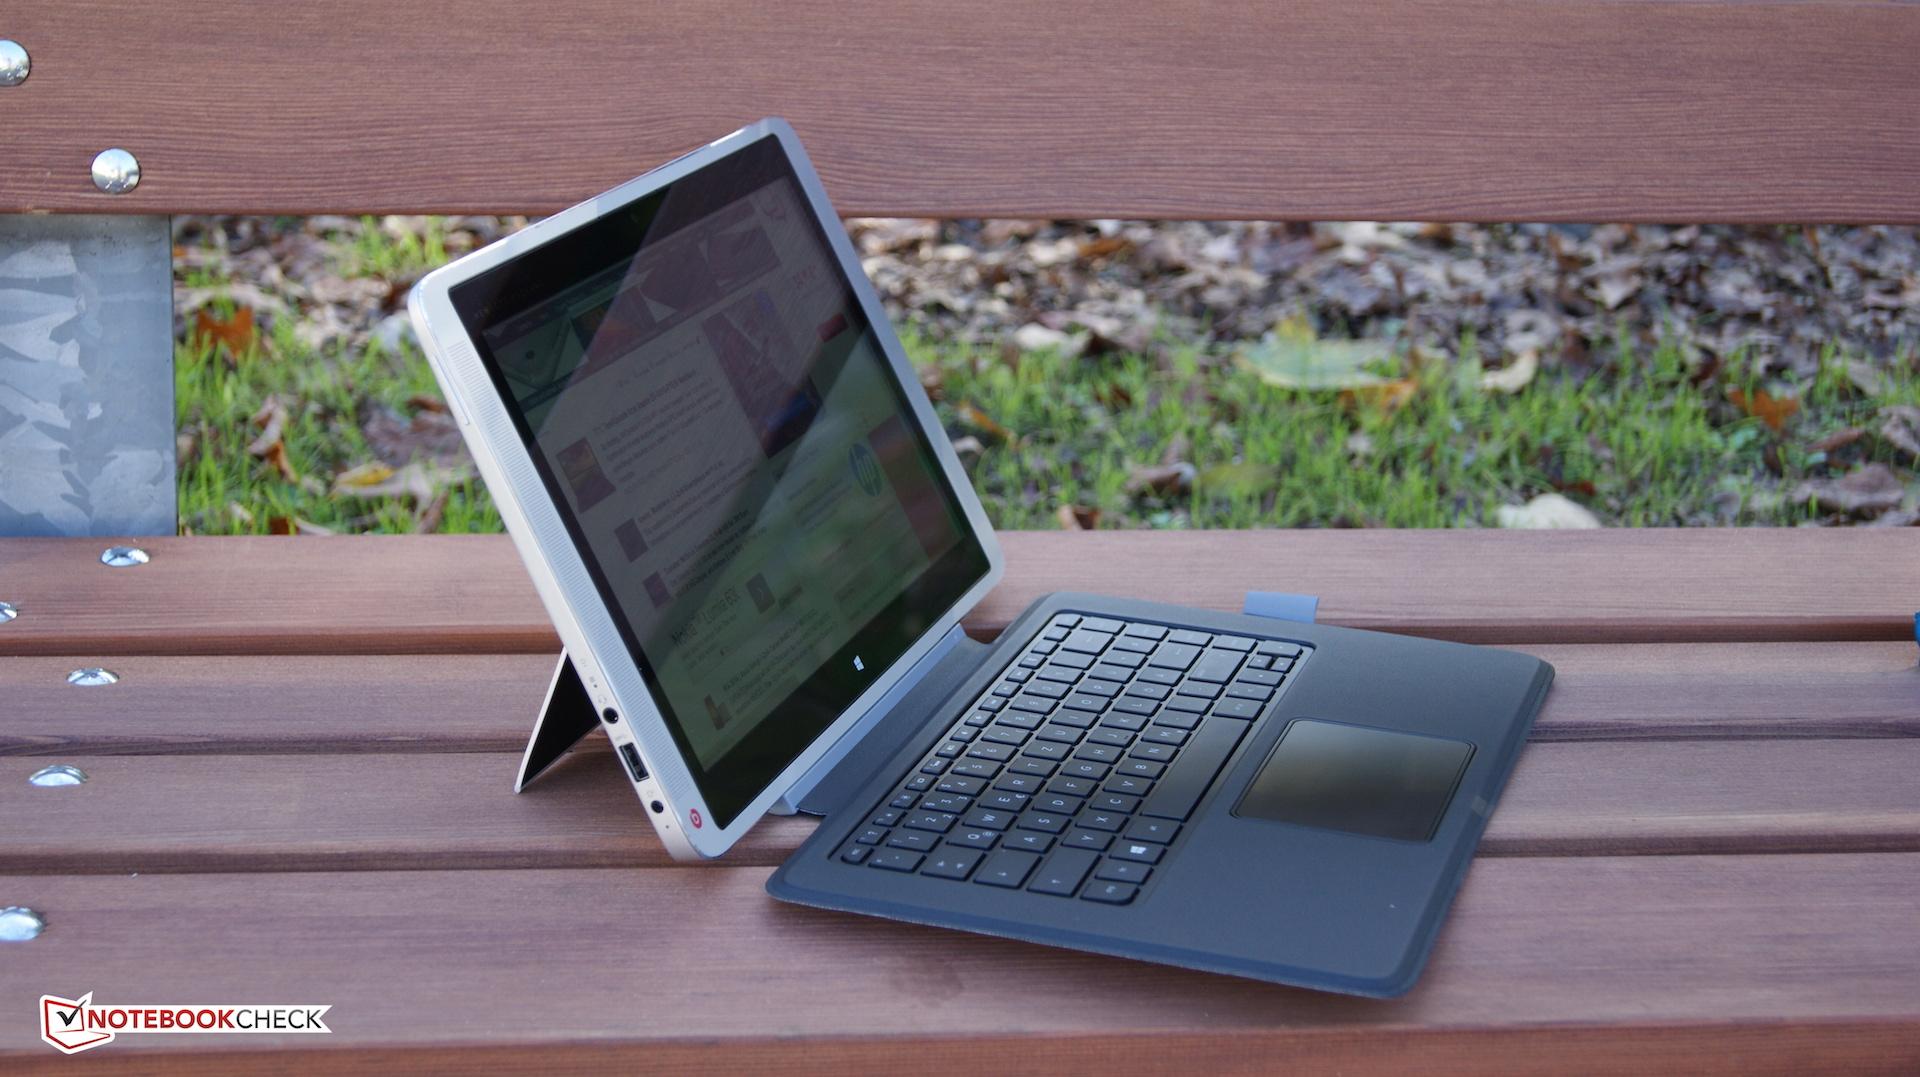 Envy x2 jako laptop z podpartym ekranem